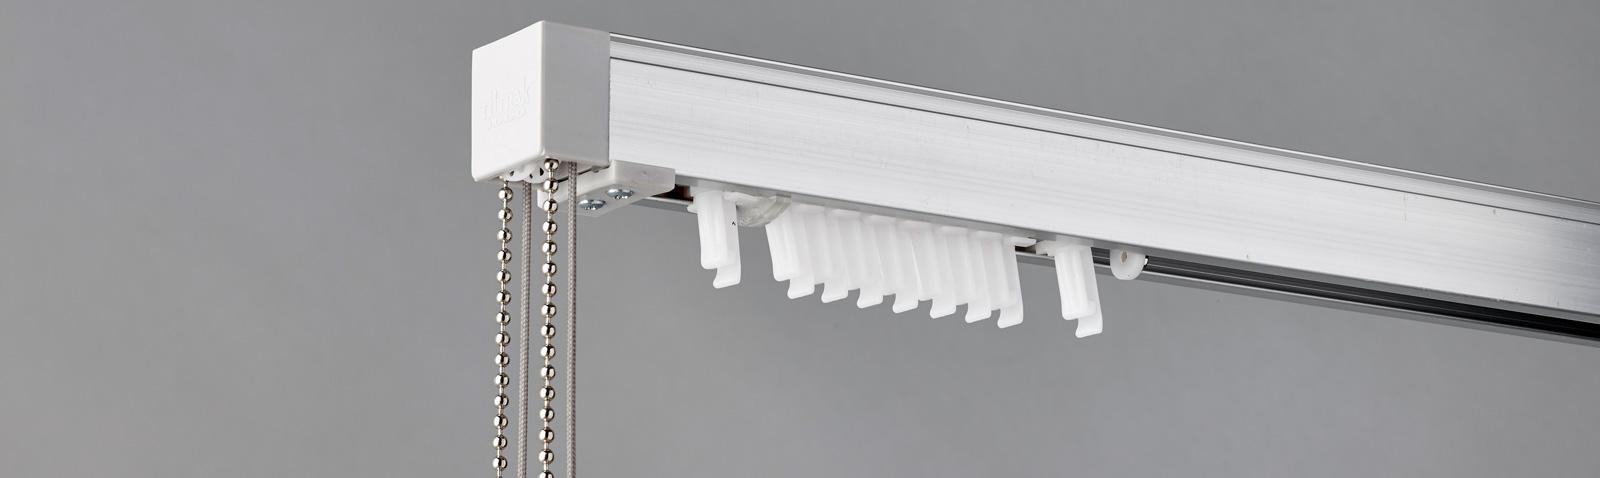 The Tiltrak 1000 Vertical Blind Headrail System